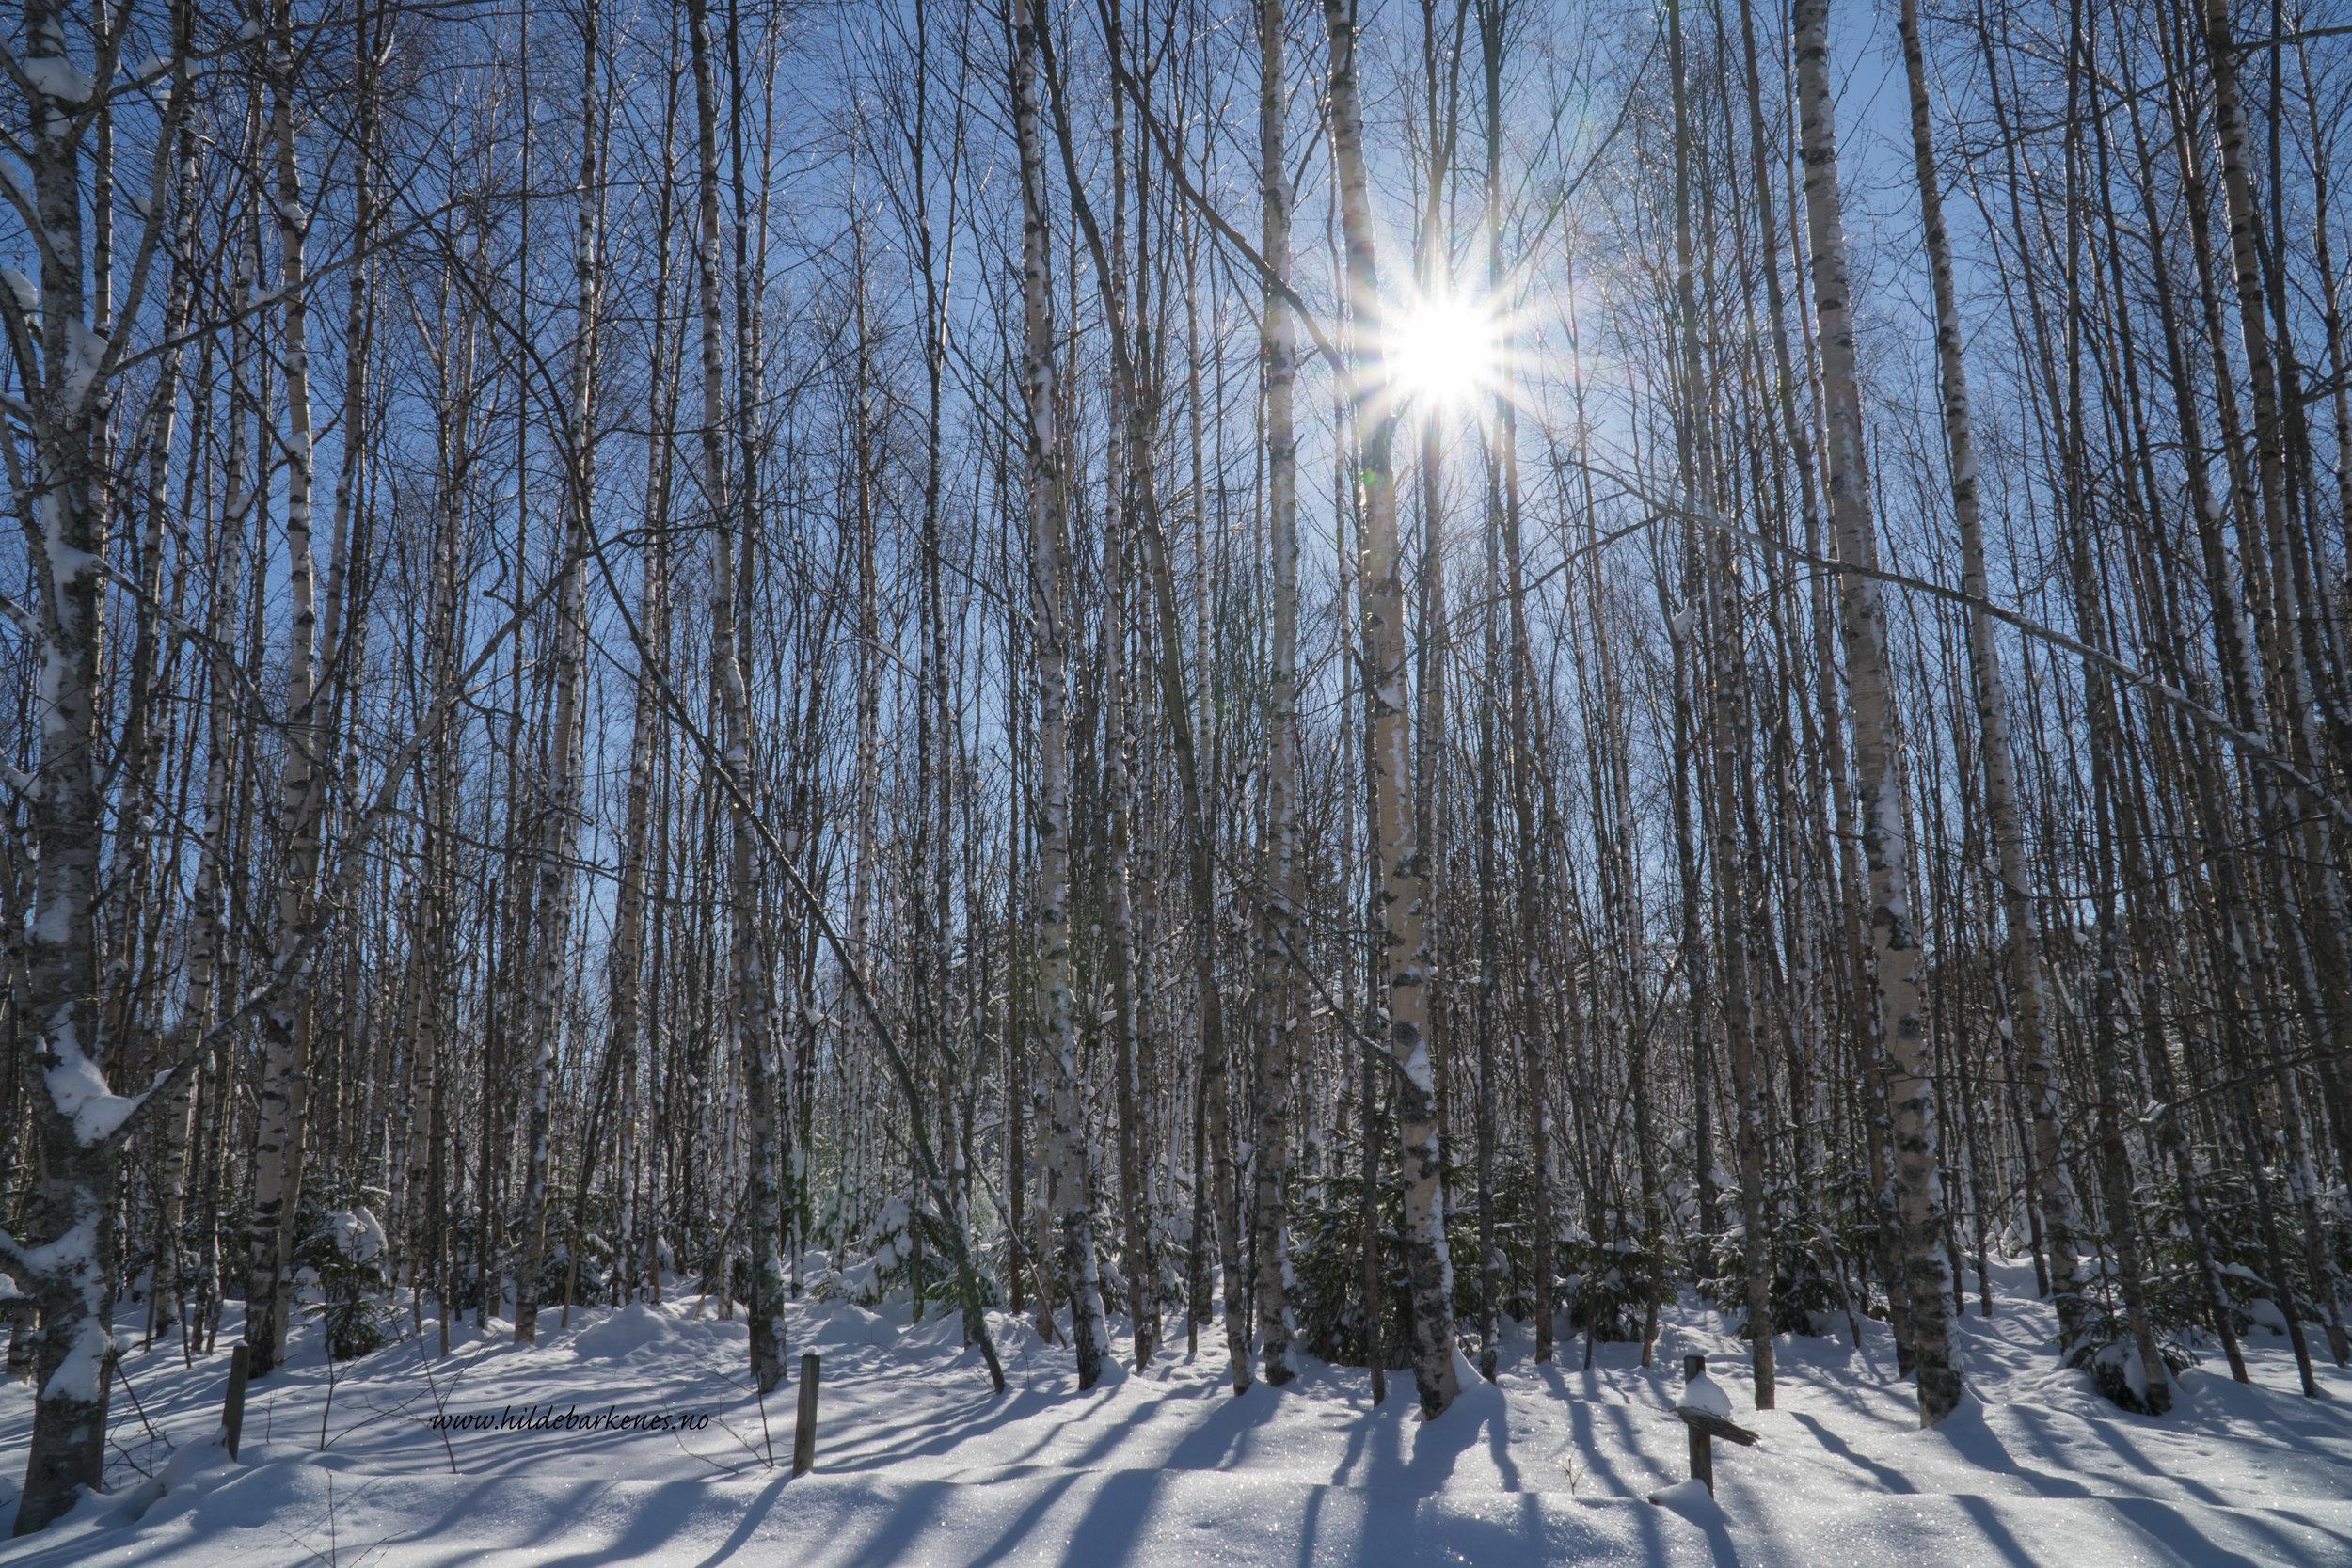 Sol ute, sol inne - sol i hjertet, sol i sinnetsol, bare sol 😃